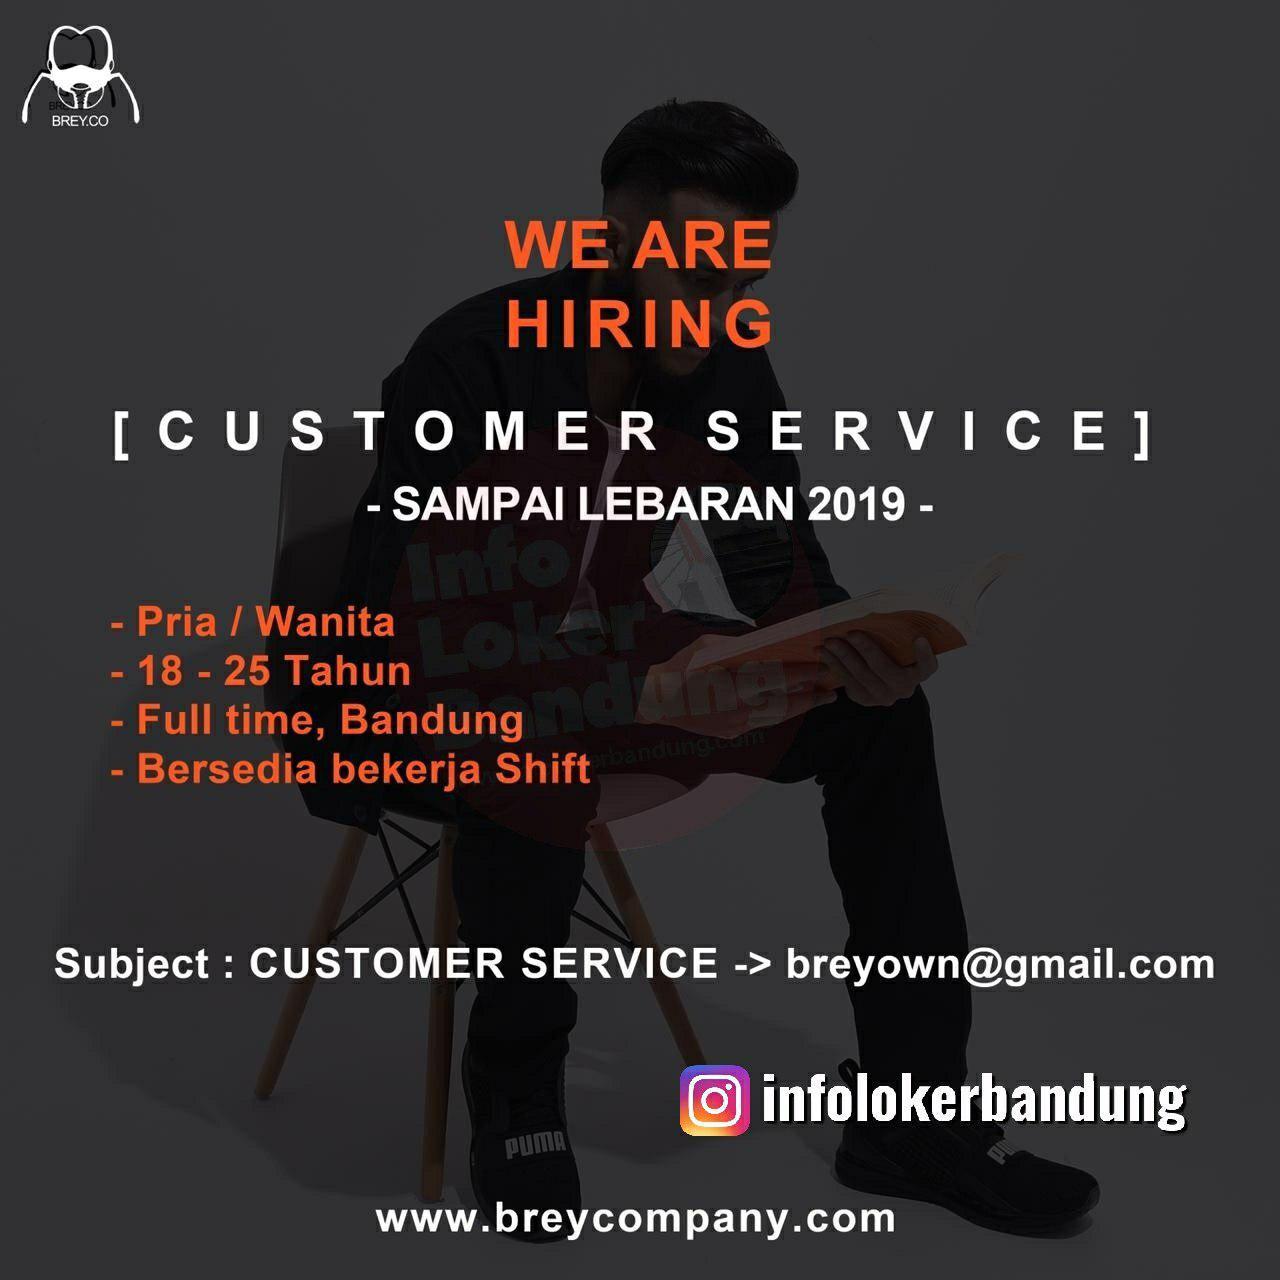 Lowongan Kerja Customer Service Brey Company Bandung April 2019